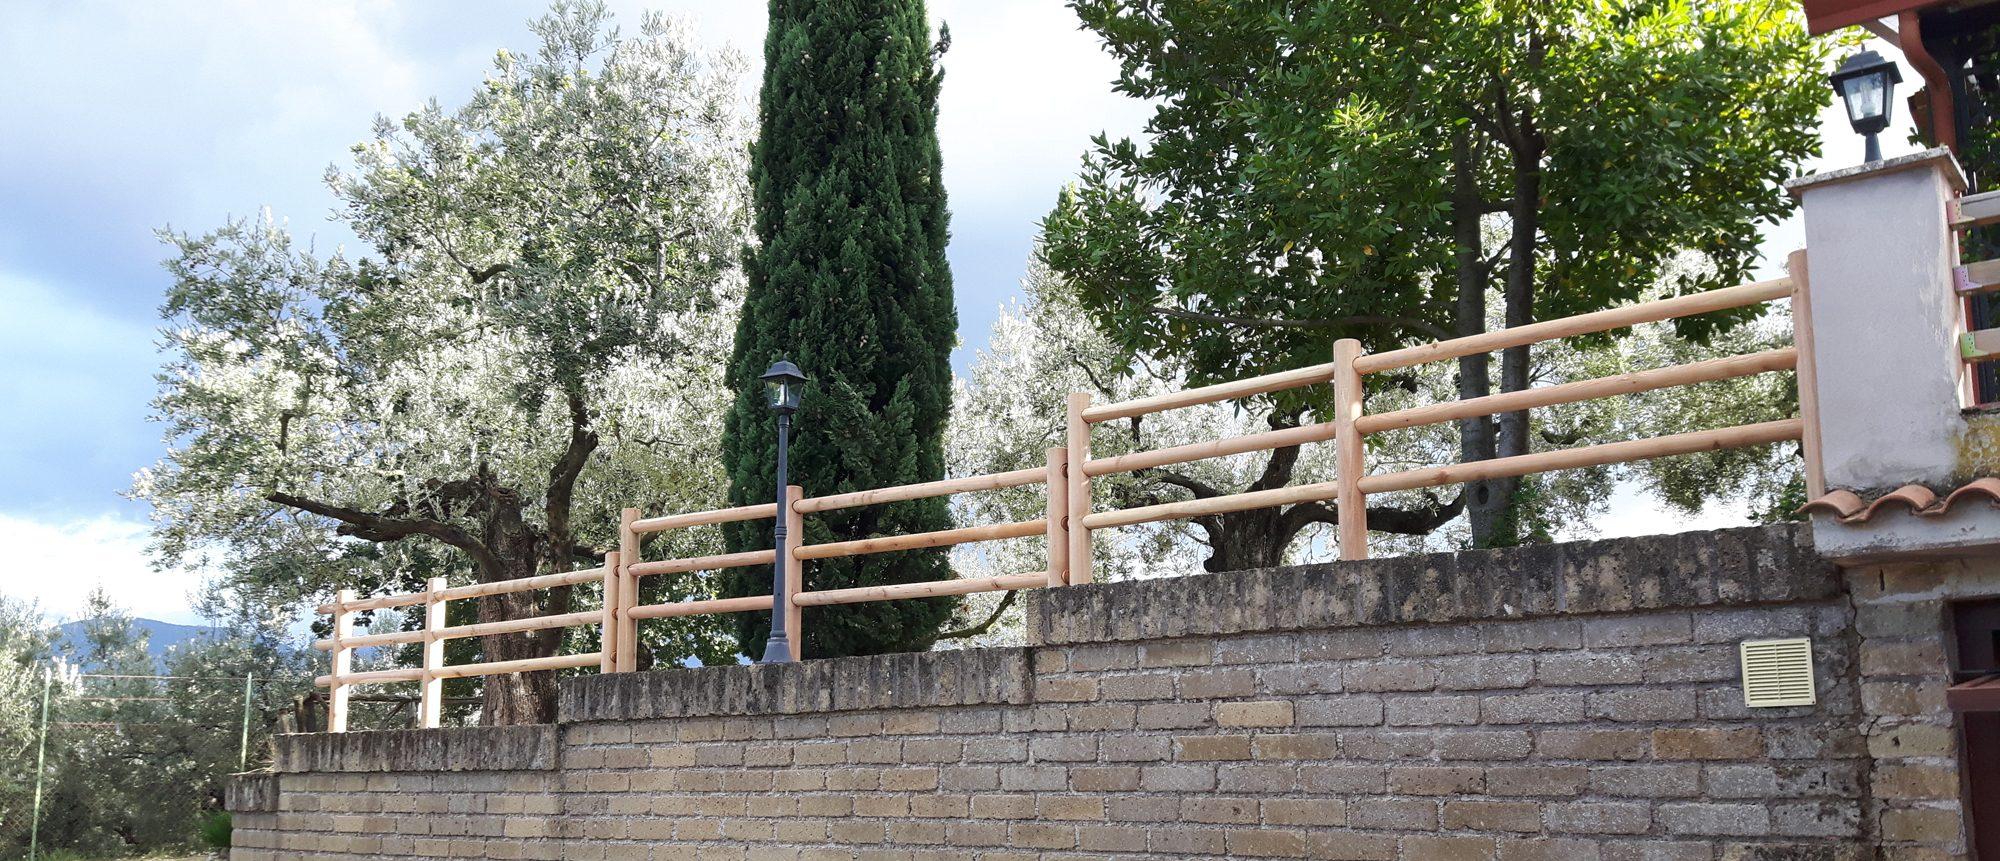 Steccati e staccionate in legno Onlywood Gavi Showroom